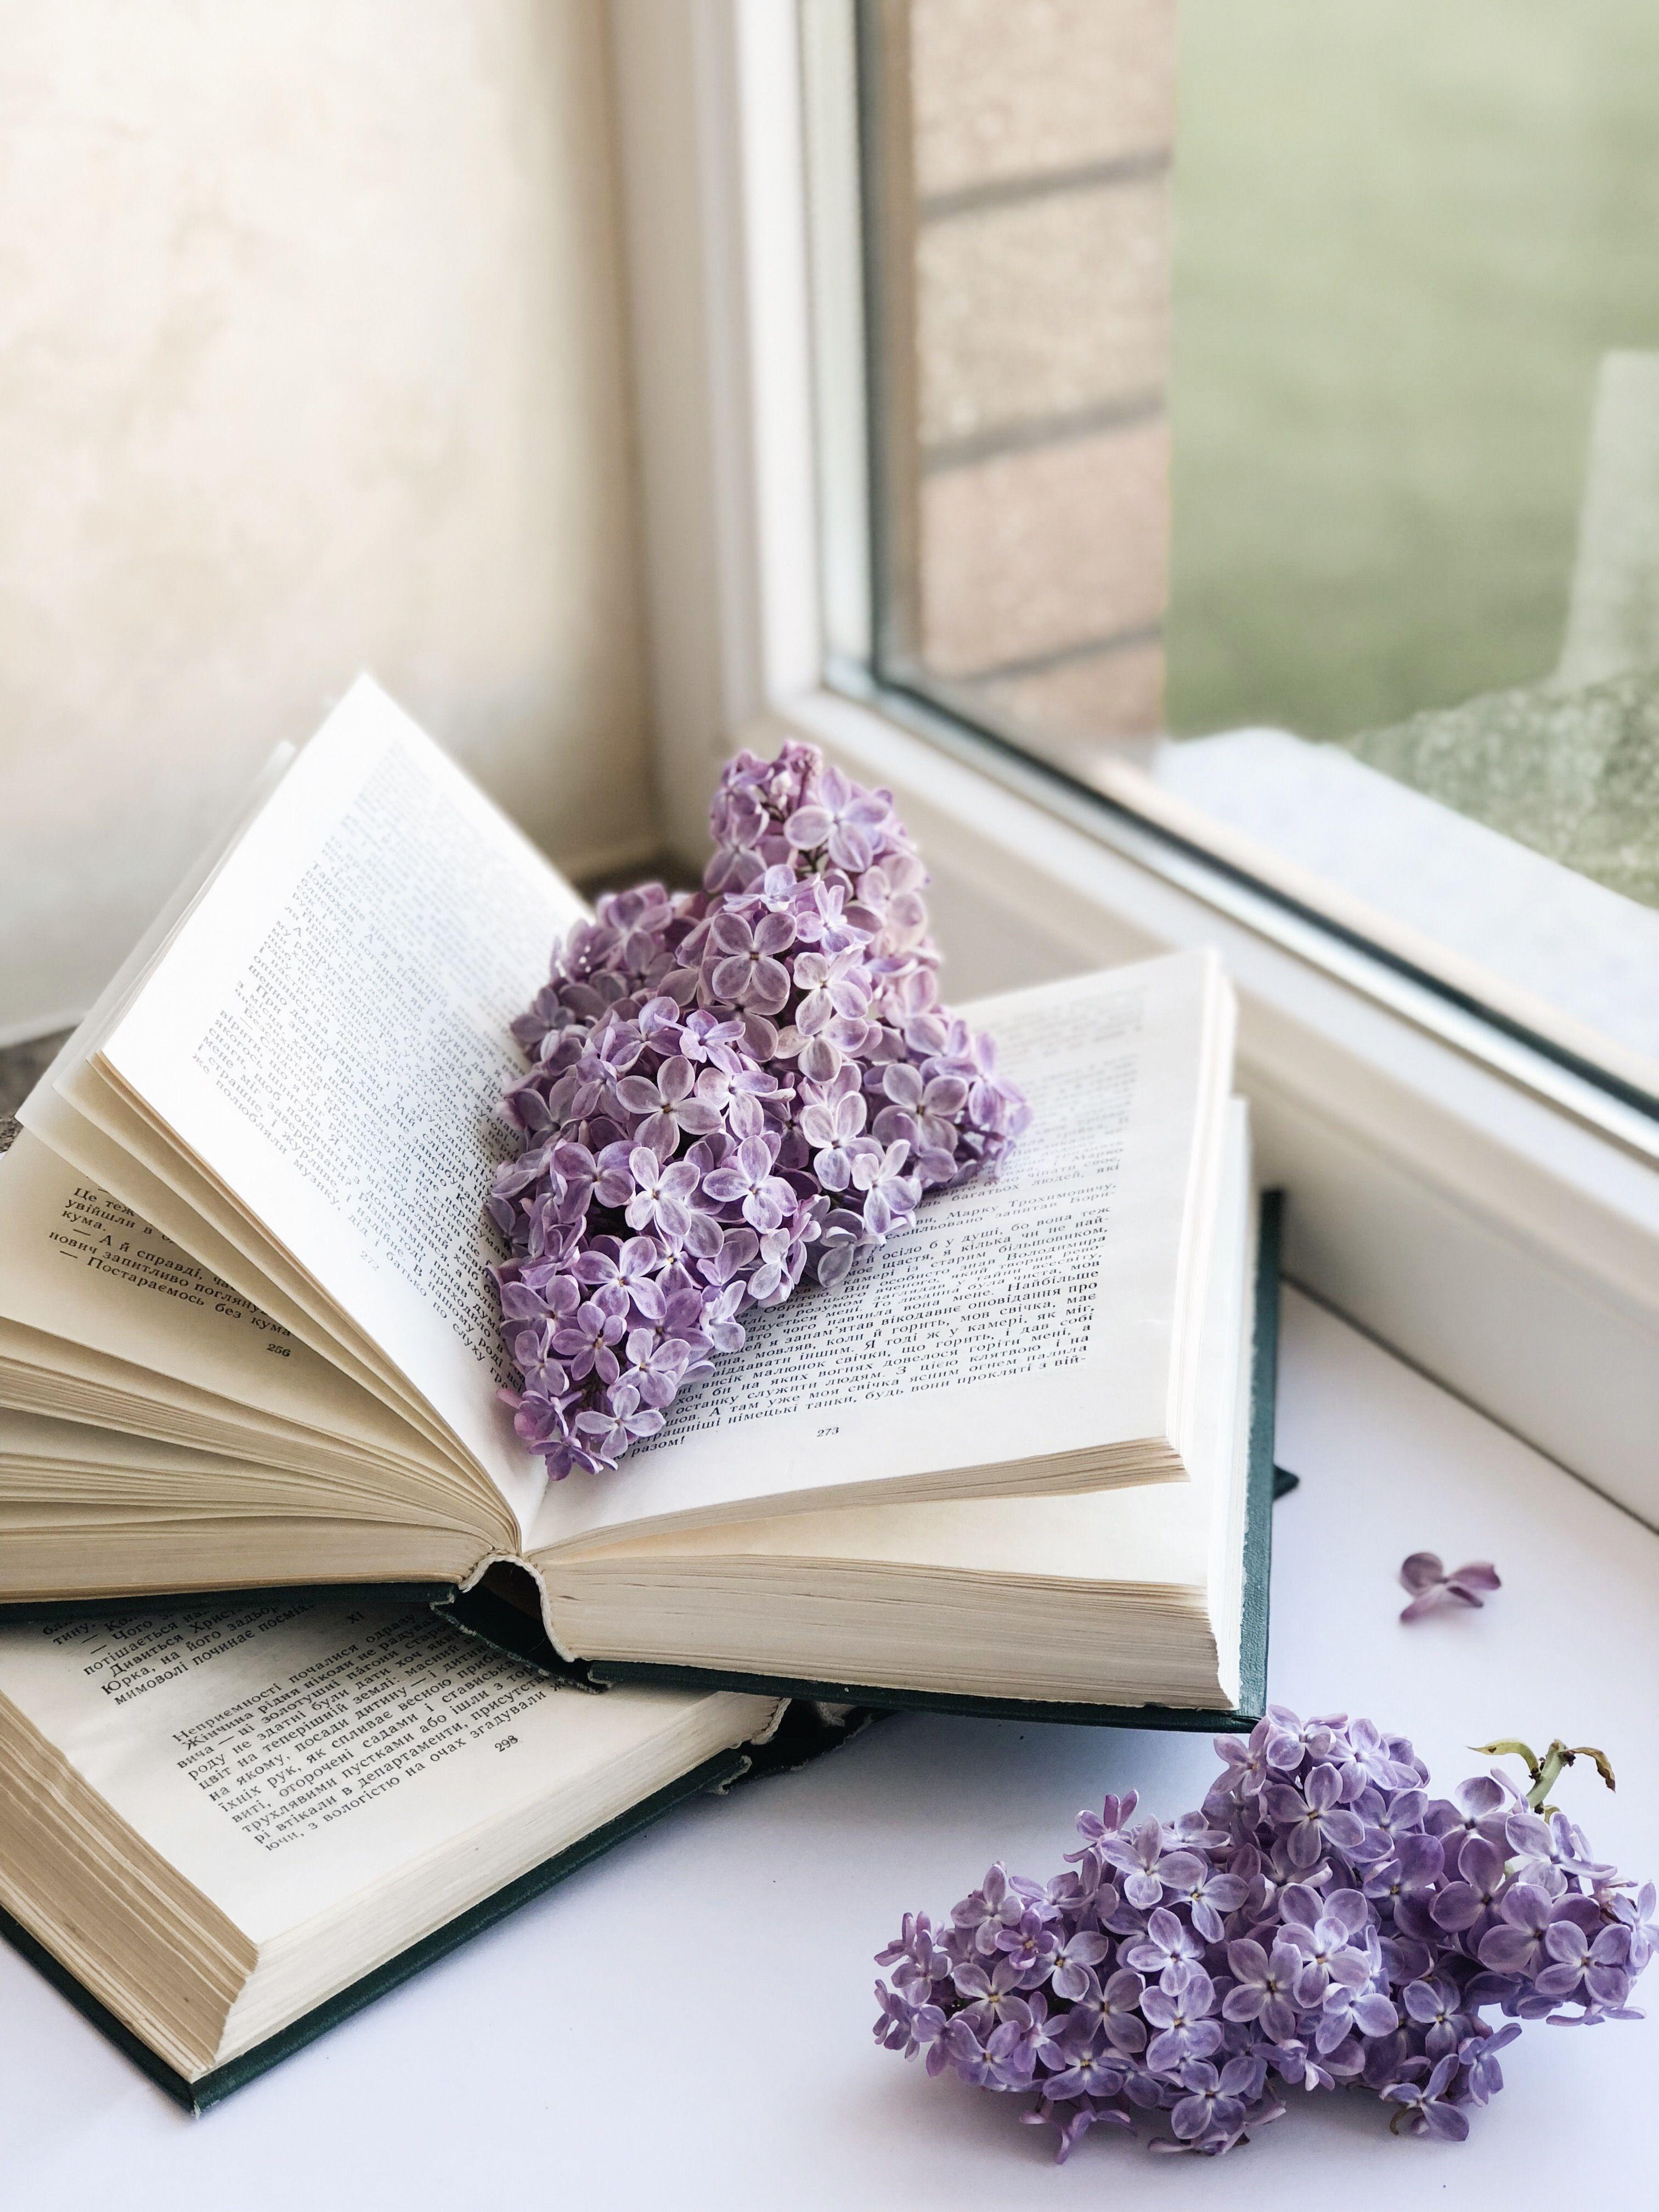 Красивая картинка с книгой